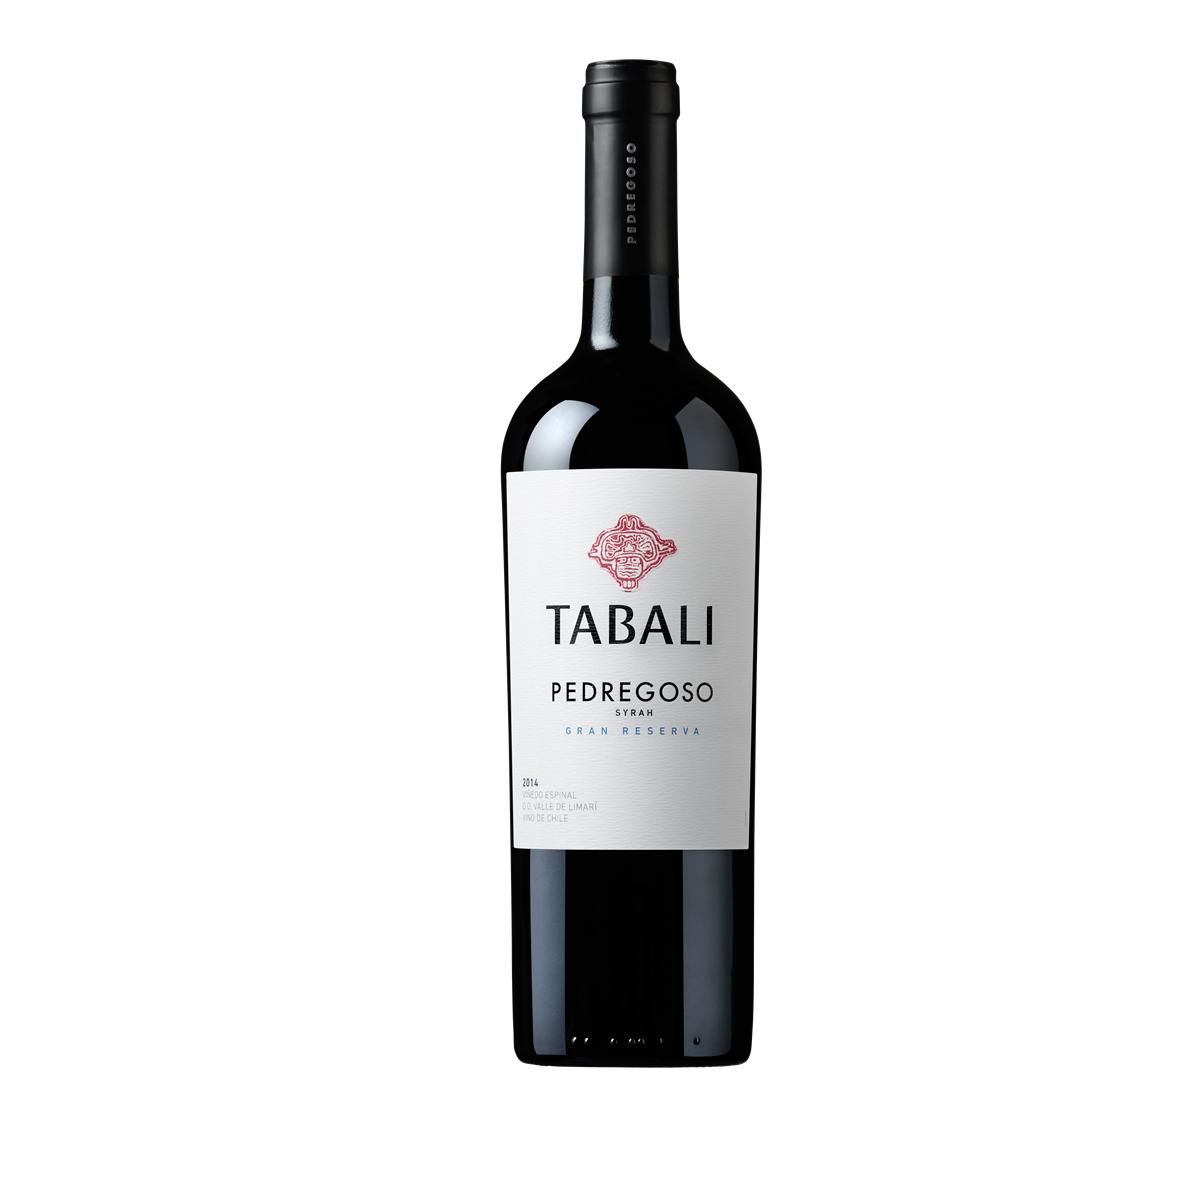 智利利马里谷达百利西拉佳酿干红葡萄酒